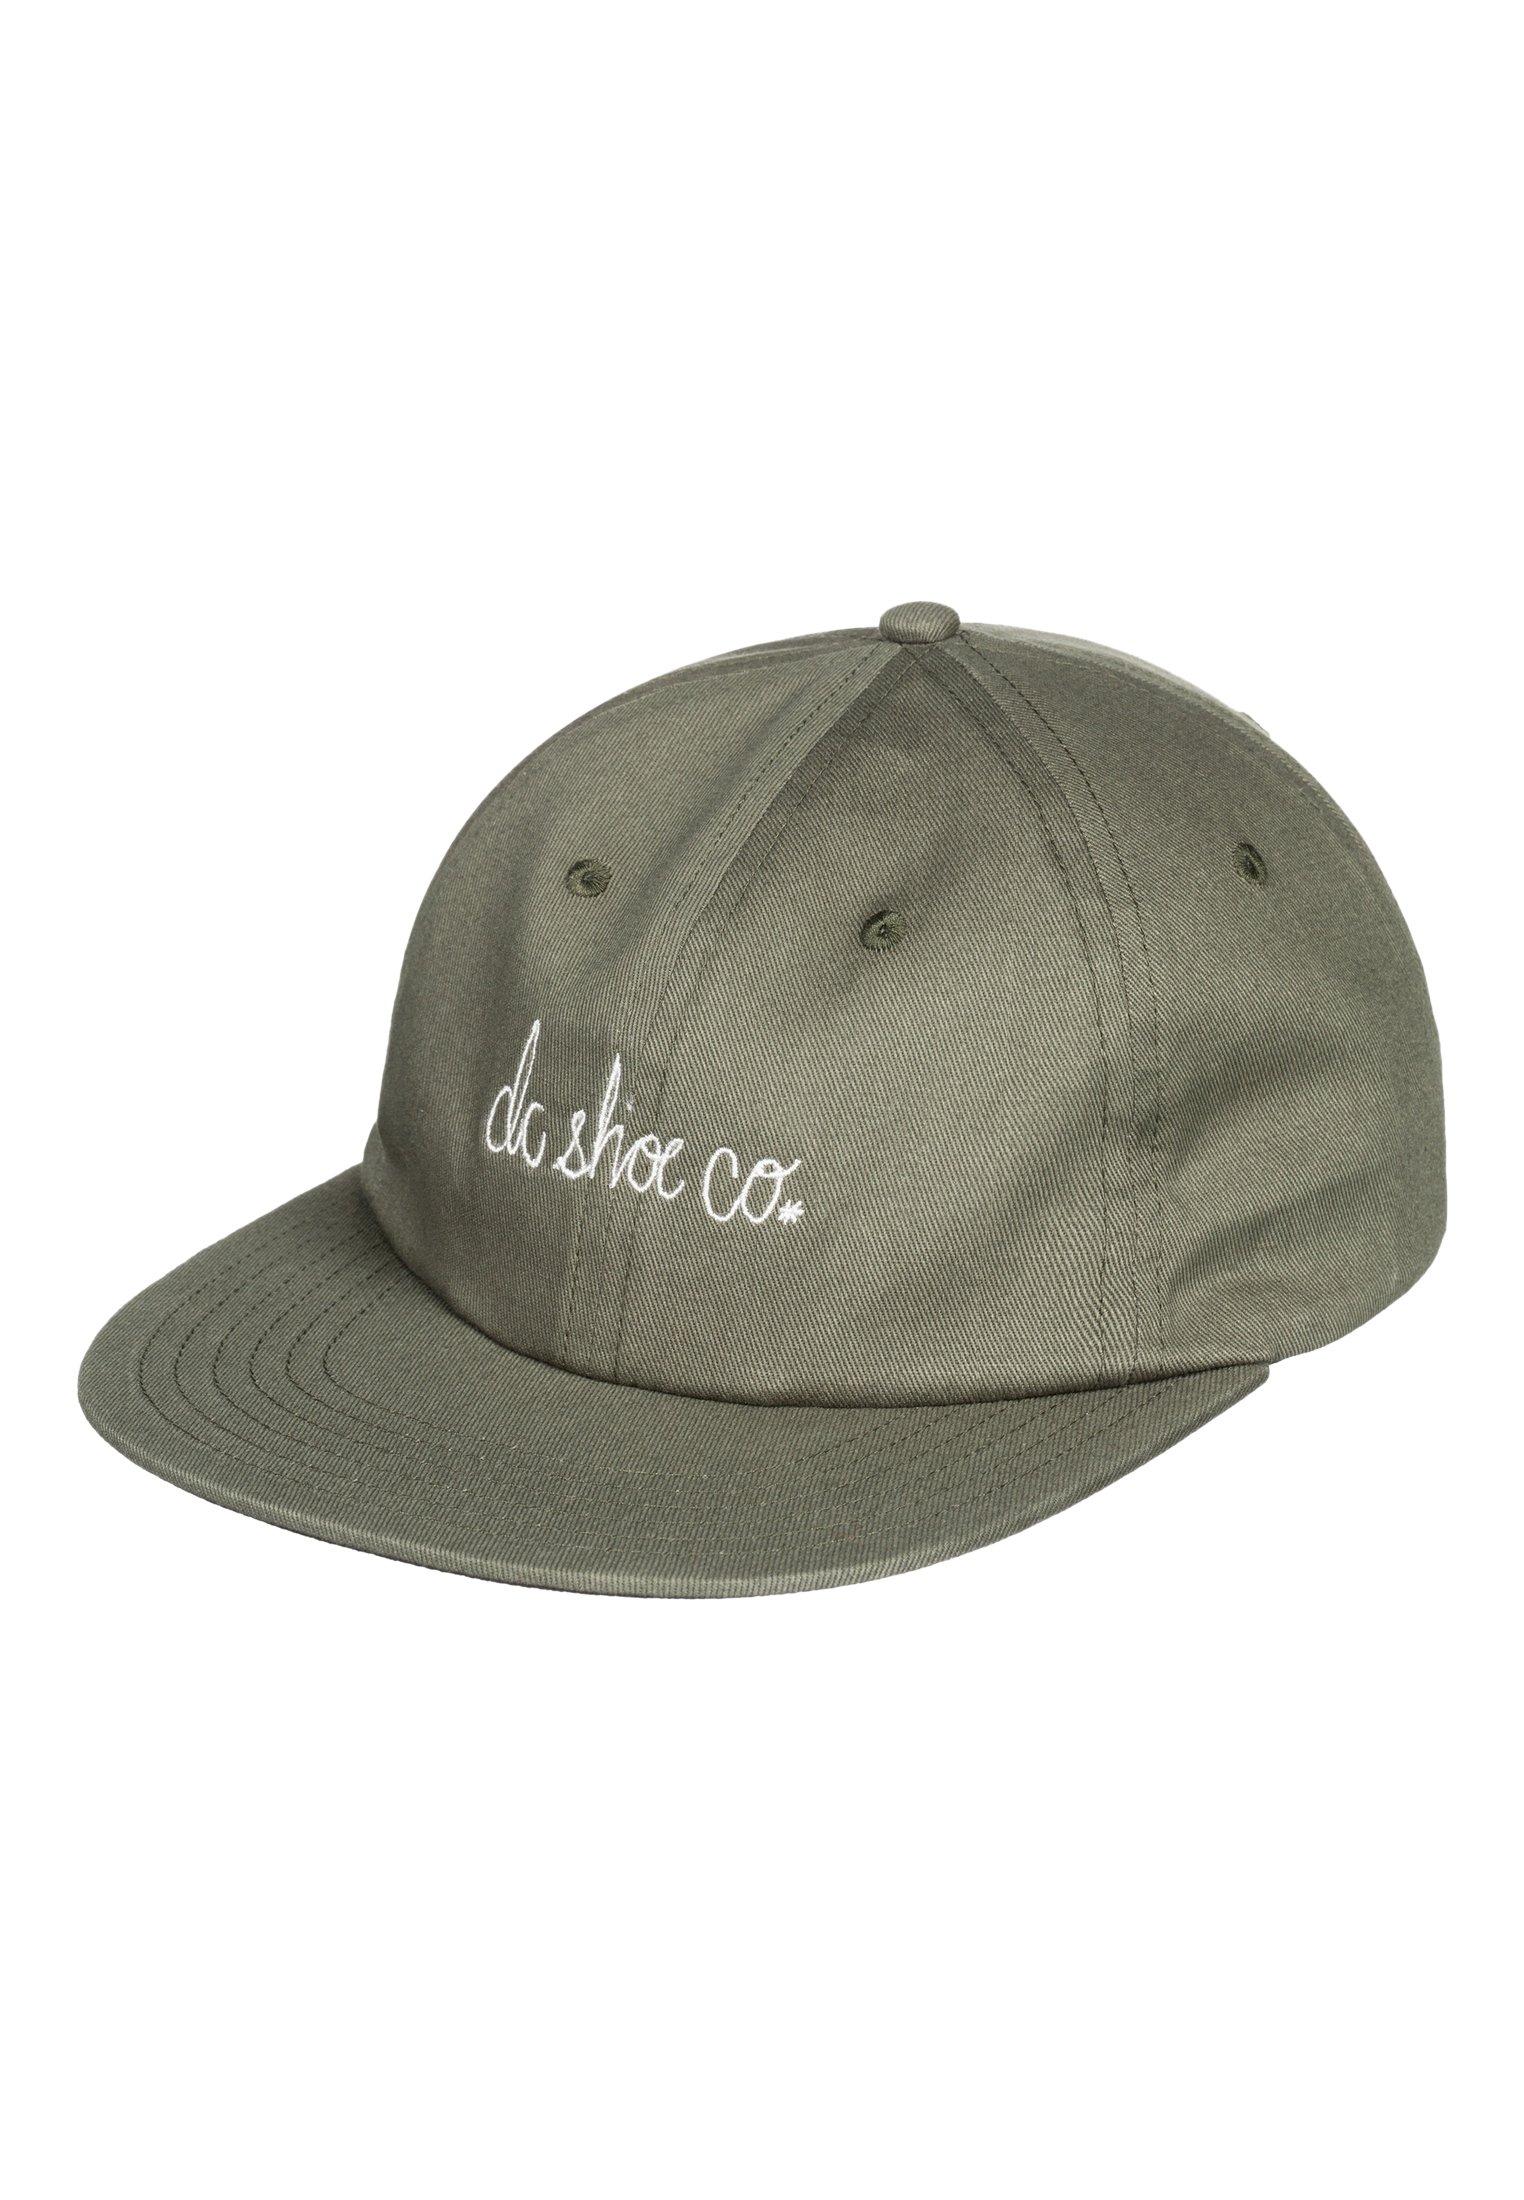 Dc Shoes Cap - Fatigue Green/oliv